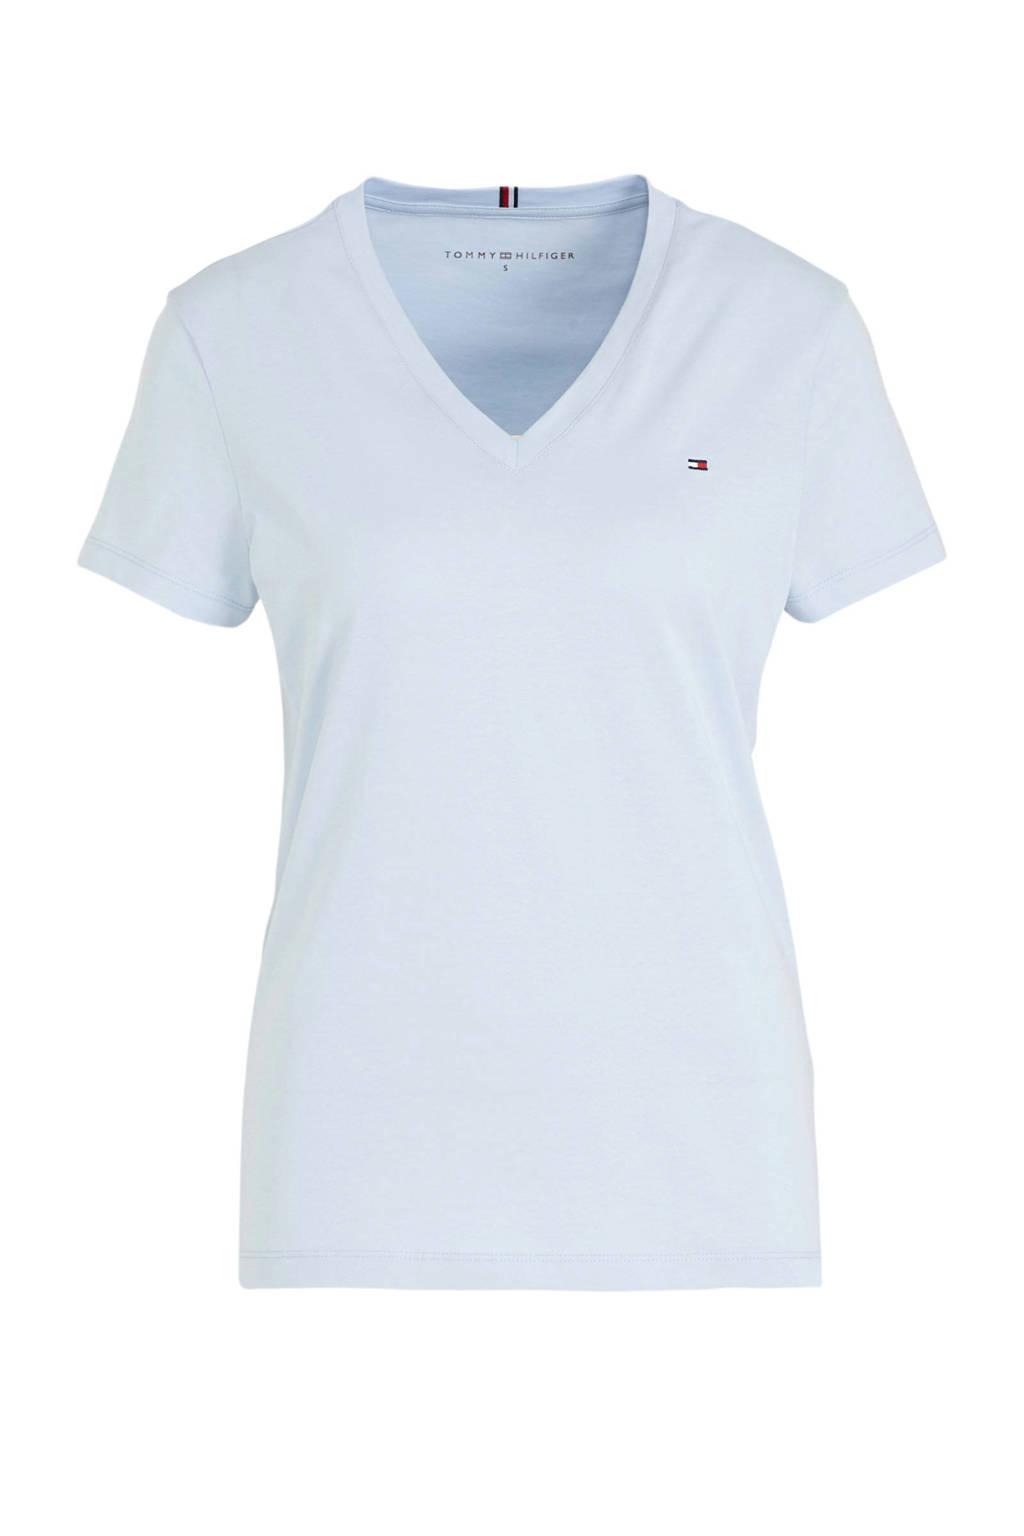 Tommy Hilfiger T-shirt lichtblauw, Lichtblauw